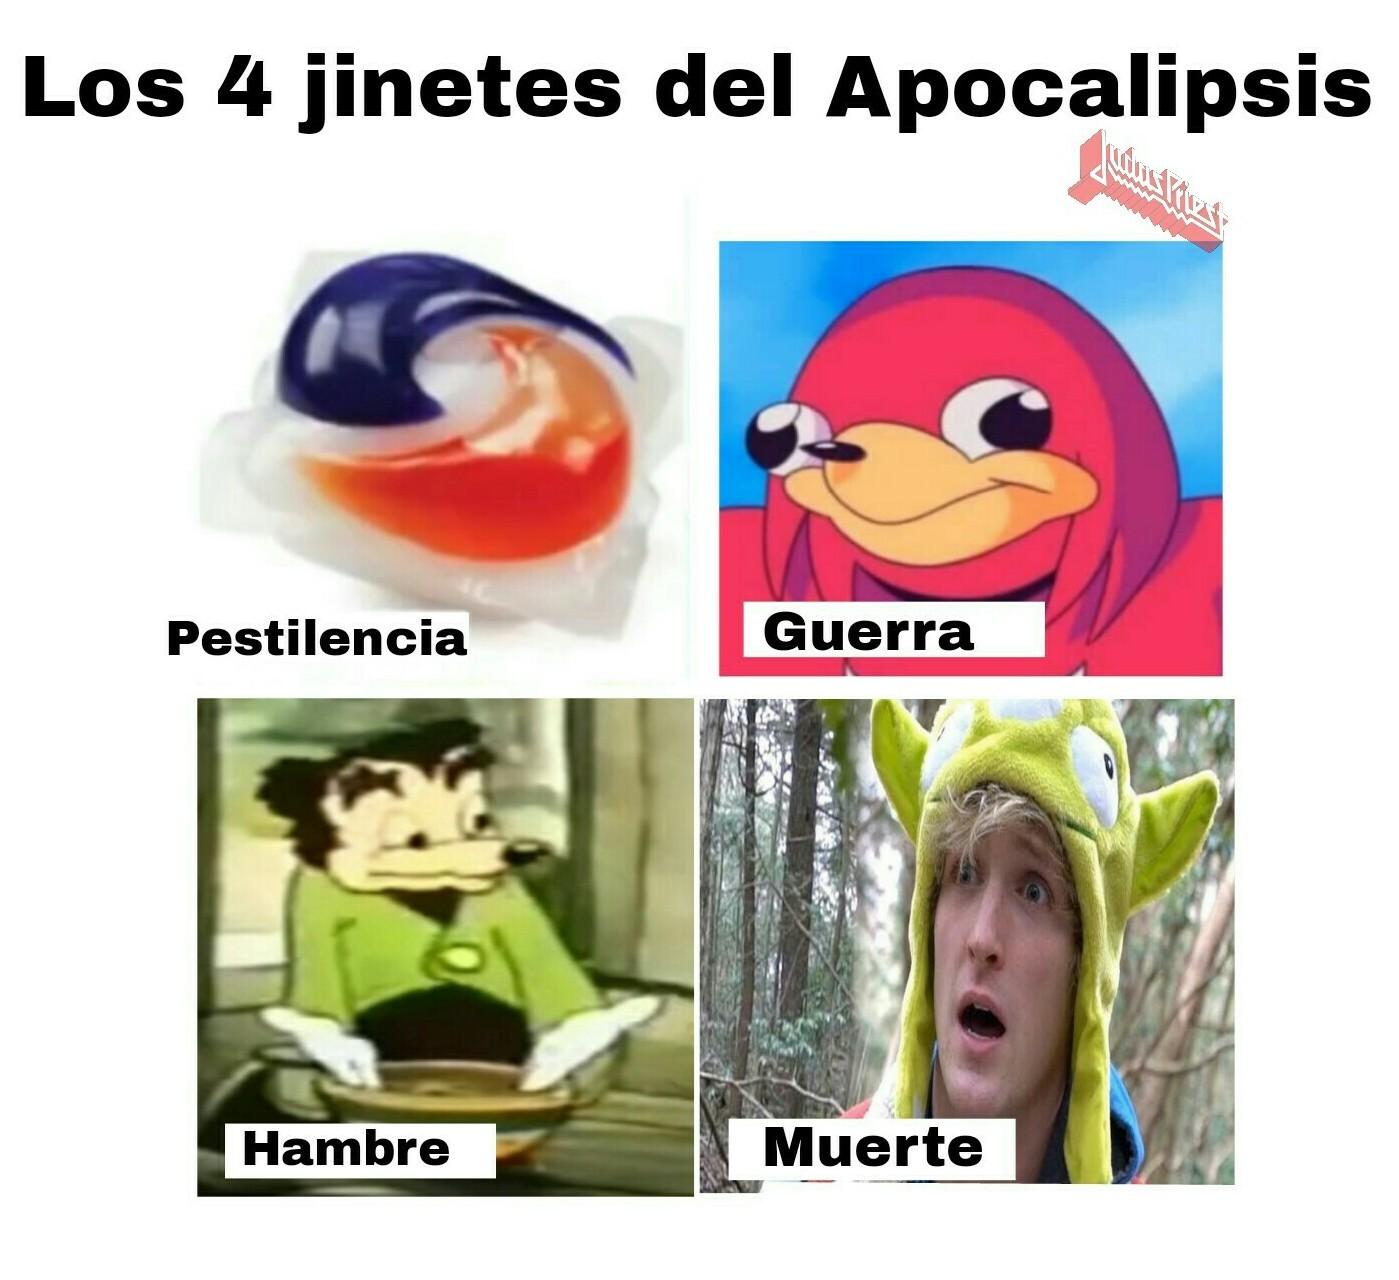 Pestilencia, hambruna, guerra, muerte - meme